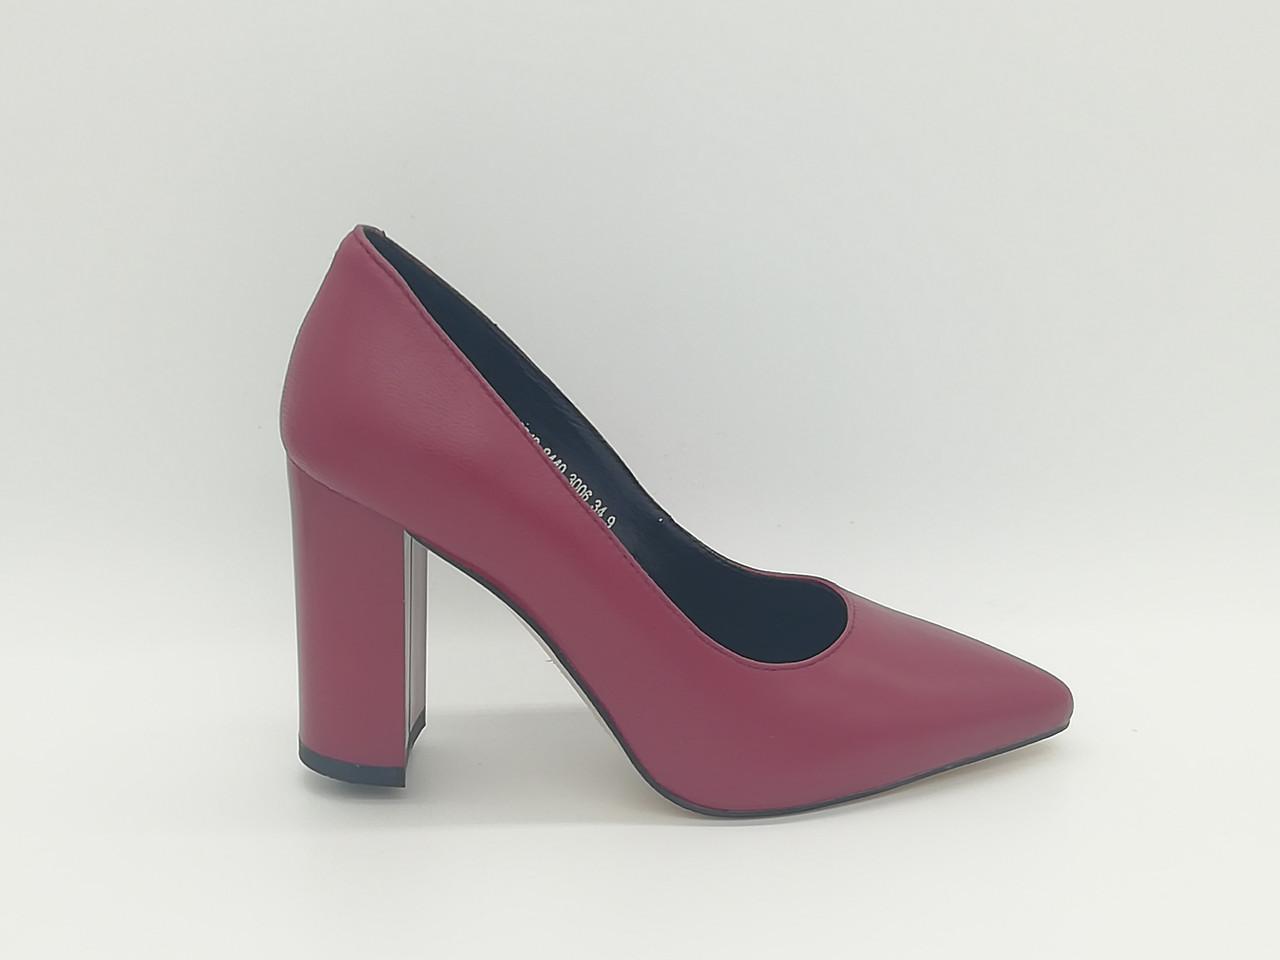 Кожаные туфли на каблуке .Маленькие ( 33 - 35 ) размеры.